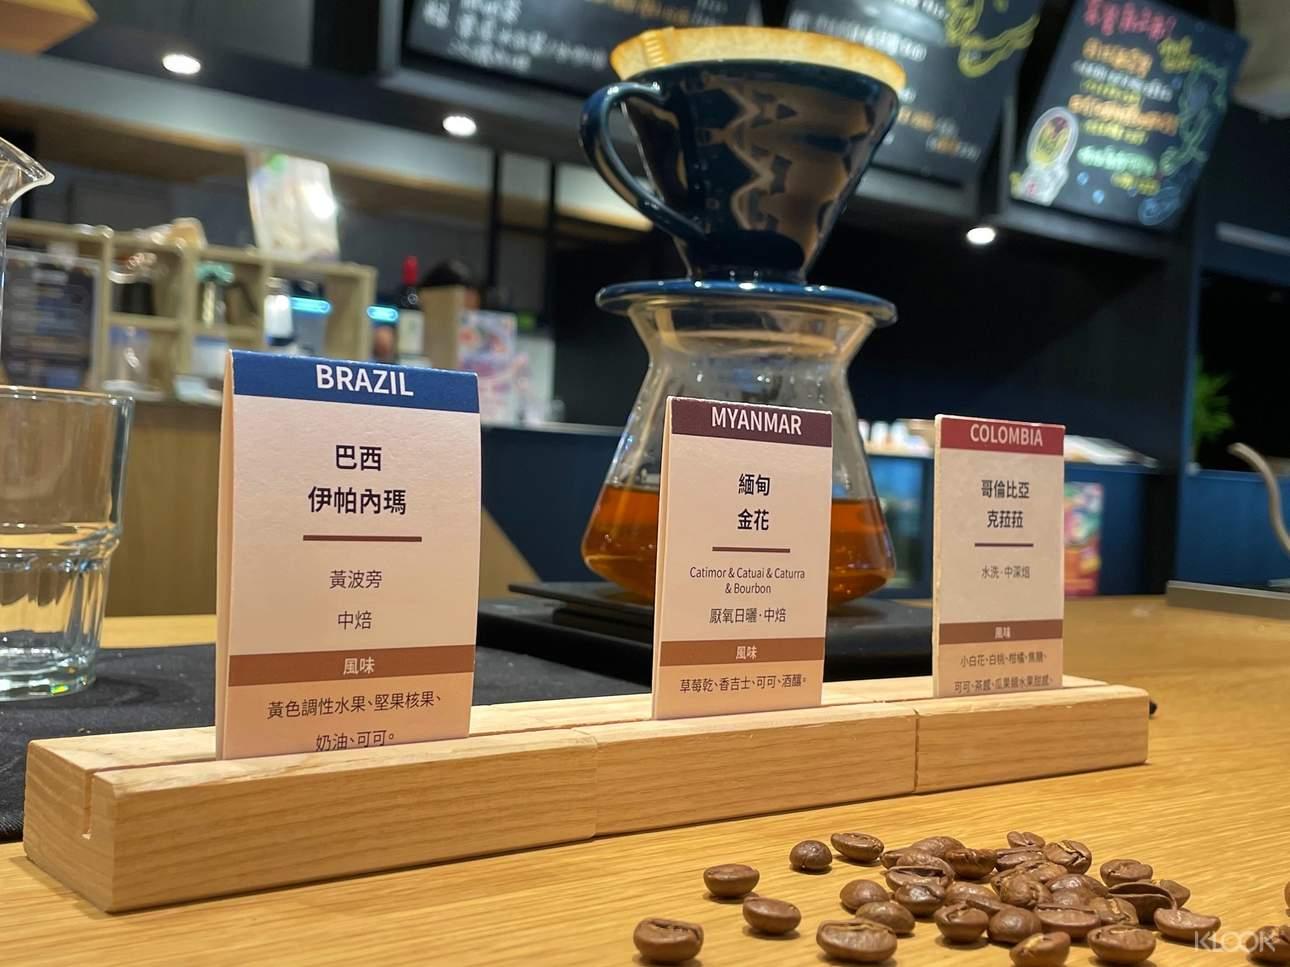 在咖啡香中探索生活的真諦,一杯杯濃醇帶出生活的韻味